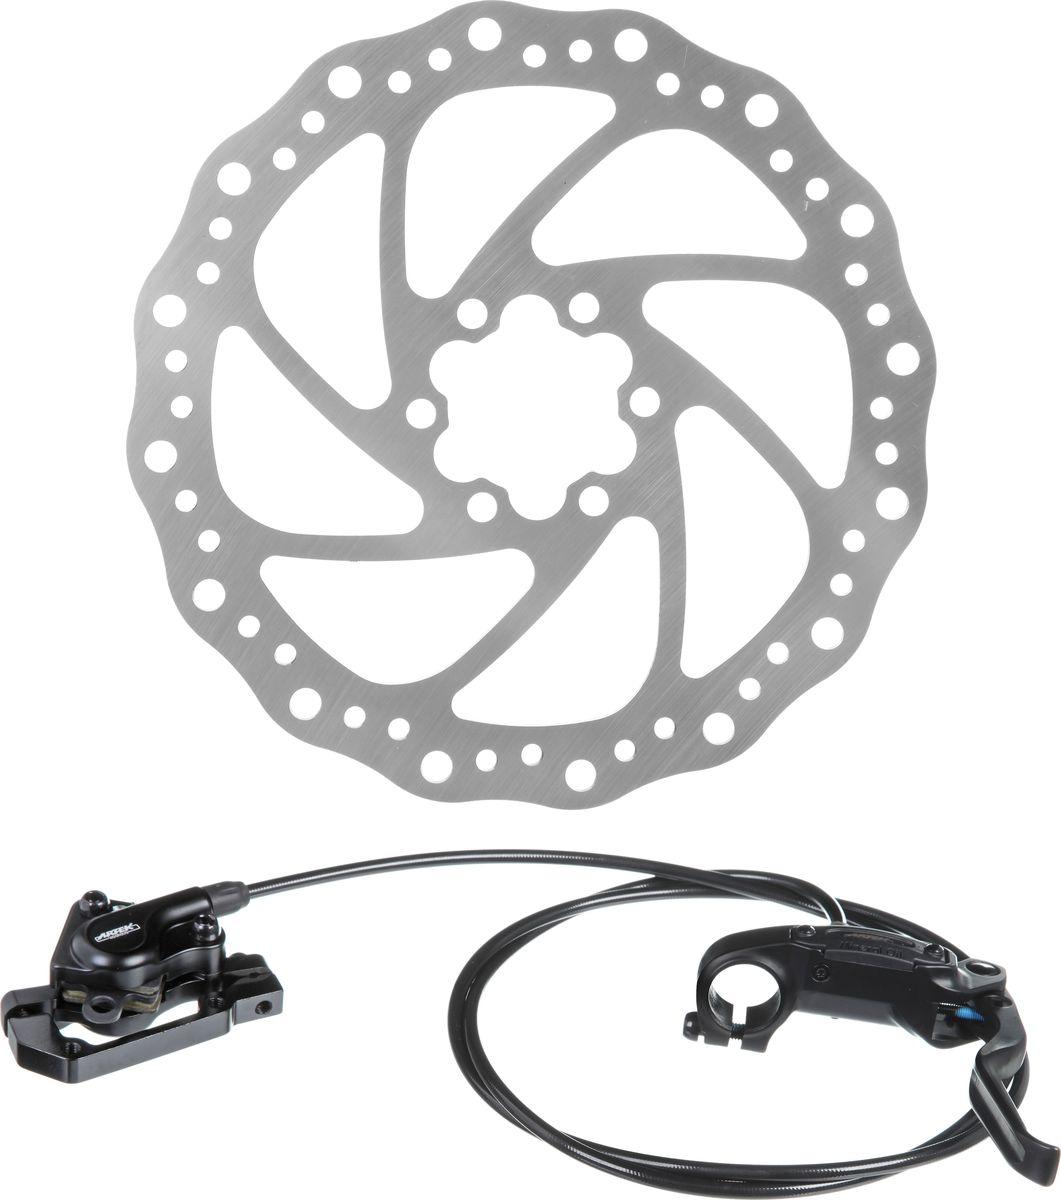 Тормоз гидравлический дисковый Artek ADC-SLP, задний 1350 ммХ75244Тормоз гидравлический дисковый Artek задний, длина 1350 мм. В комплекте ручка, калипер, суппорт с болтами.